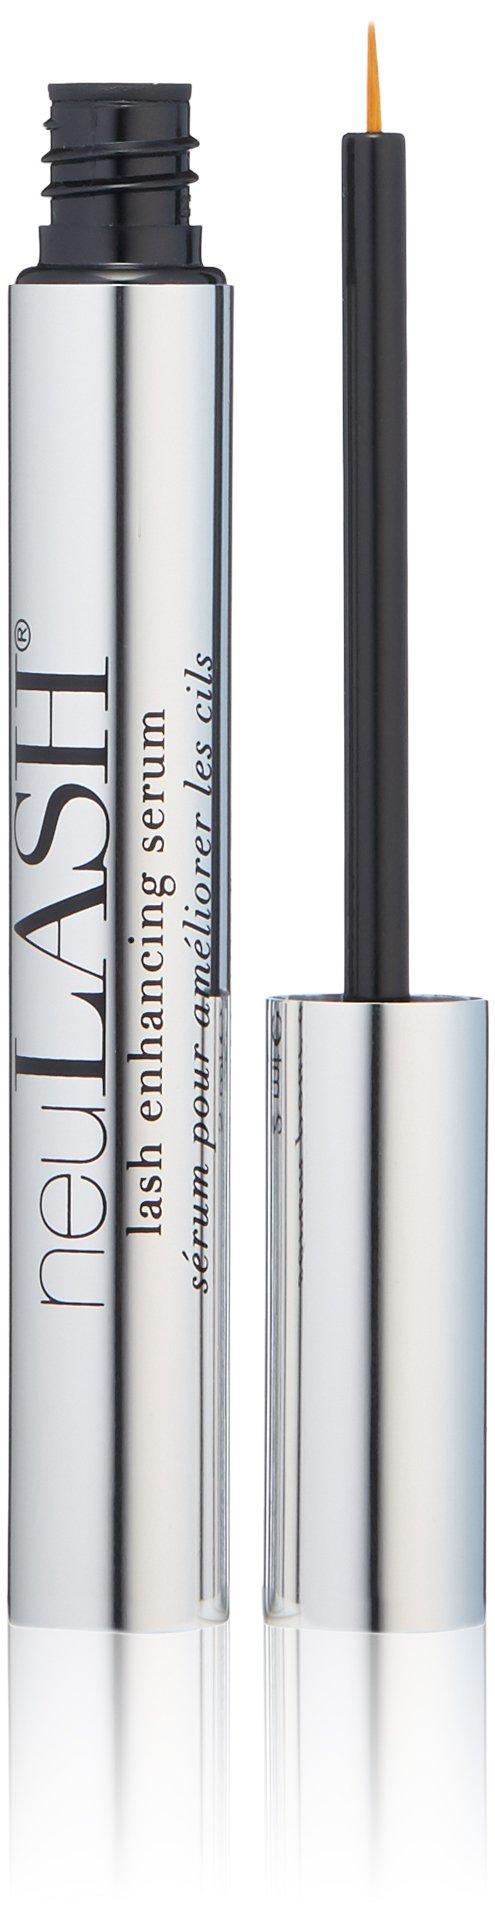 Skin Research Laboratories Neulash Eye Lash Enhancing Serum, 0.07 fl. oz.